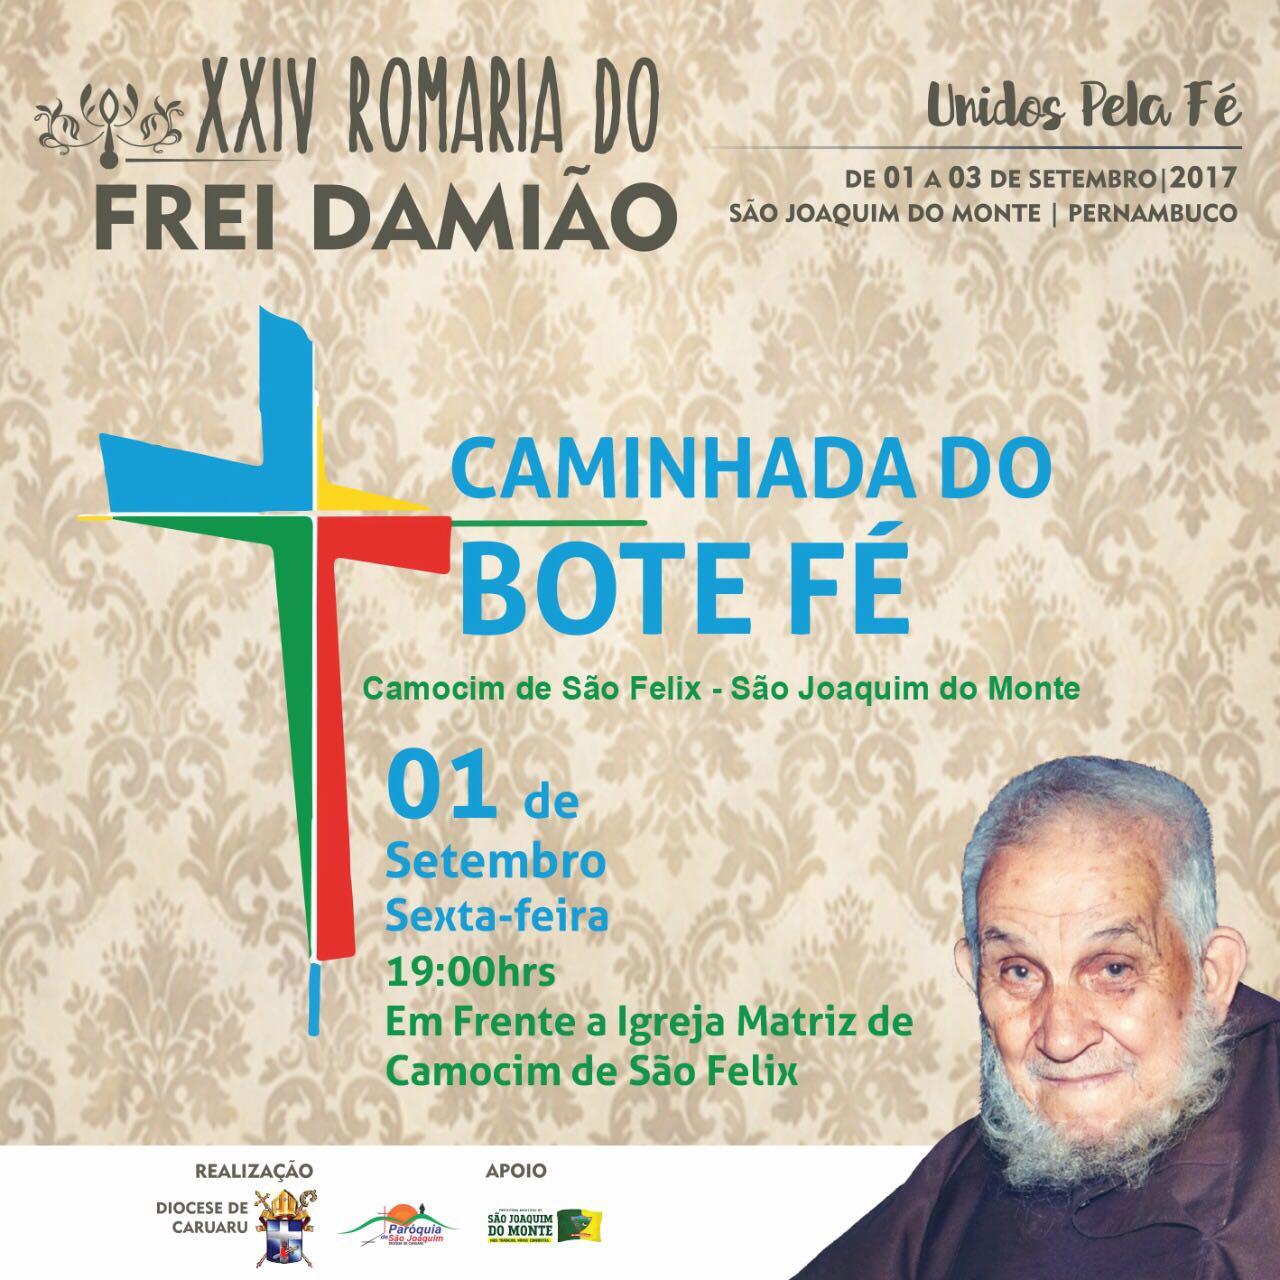 c2093626a6 ROMARIA  Caminhada do Bote Fé 2017 acontece na próxima sexta-feira ...